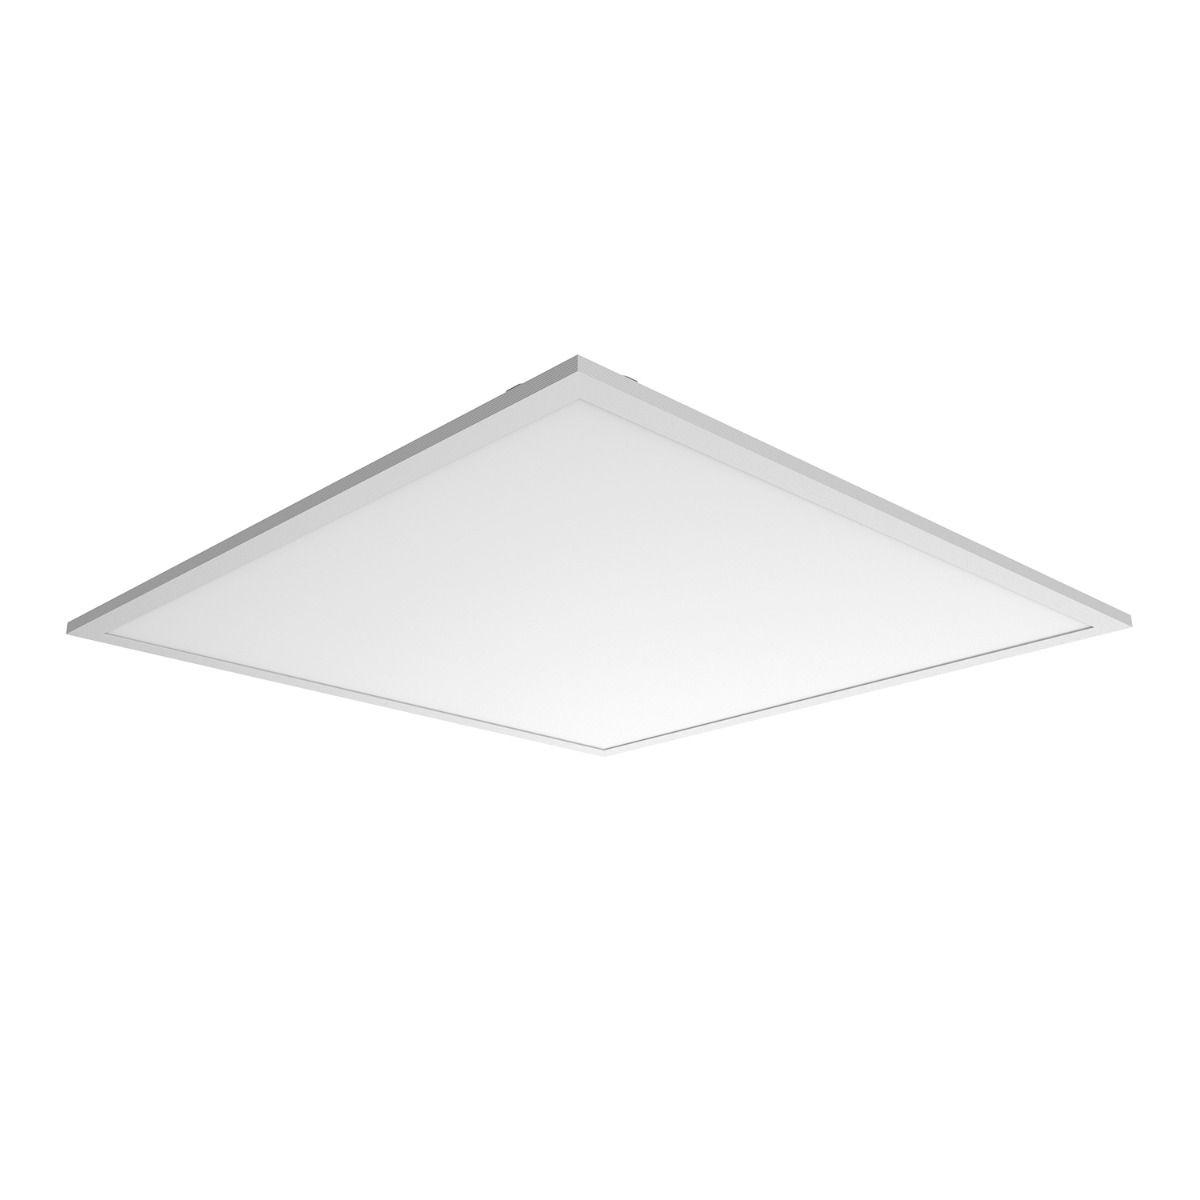 Noxion LED Panel Delta Pro V3 30W 3000K 3960lm 60x60cm UGR <22 | Warm White - Replaces 4x18W